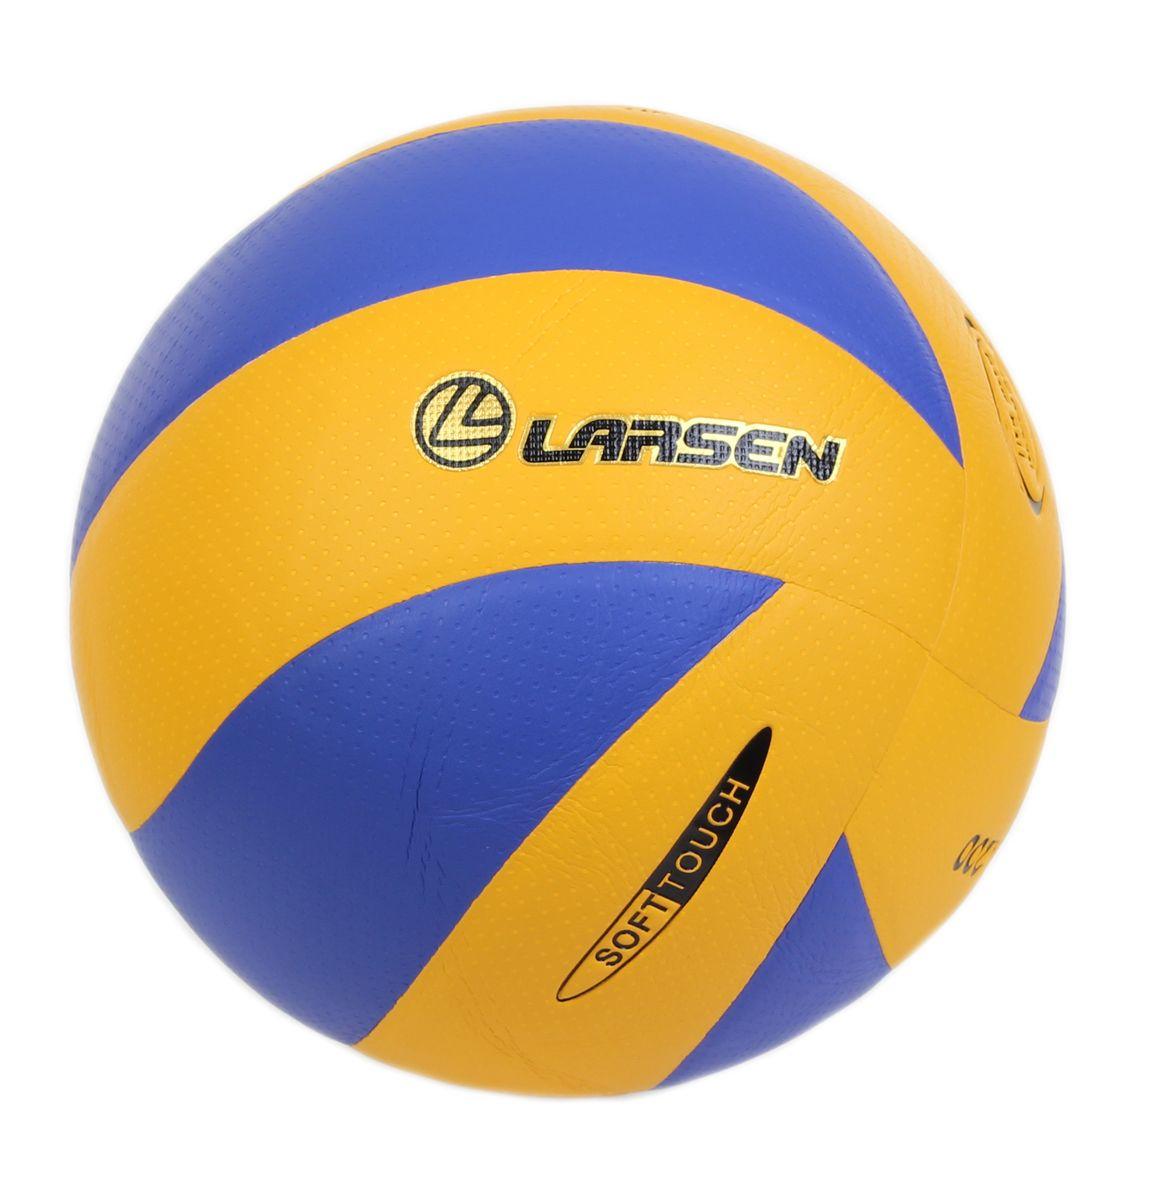 Мяч волейбольный Viva Larsen, VB ECE-1, р.4VB ECE-1Мяч волейбольный Viva/Larsen VB ECE-1. Размер: 4. 18 панелей. 3 слоя подкладочного материала: поликоттон. Окружность: 64-65 см. Специальная обработка поверхности мяча для лучшего сцепления. Клееные швы. Камера: латекс с бутиловым ниппелем, 60-65 г. Рекомендован для игры в помещении и проведения тренировок. Вес: 260-280 г.